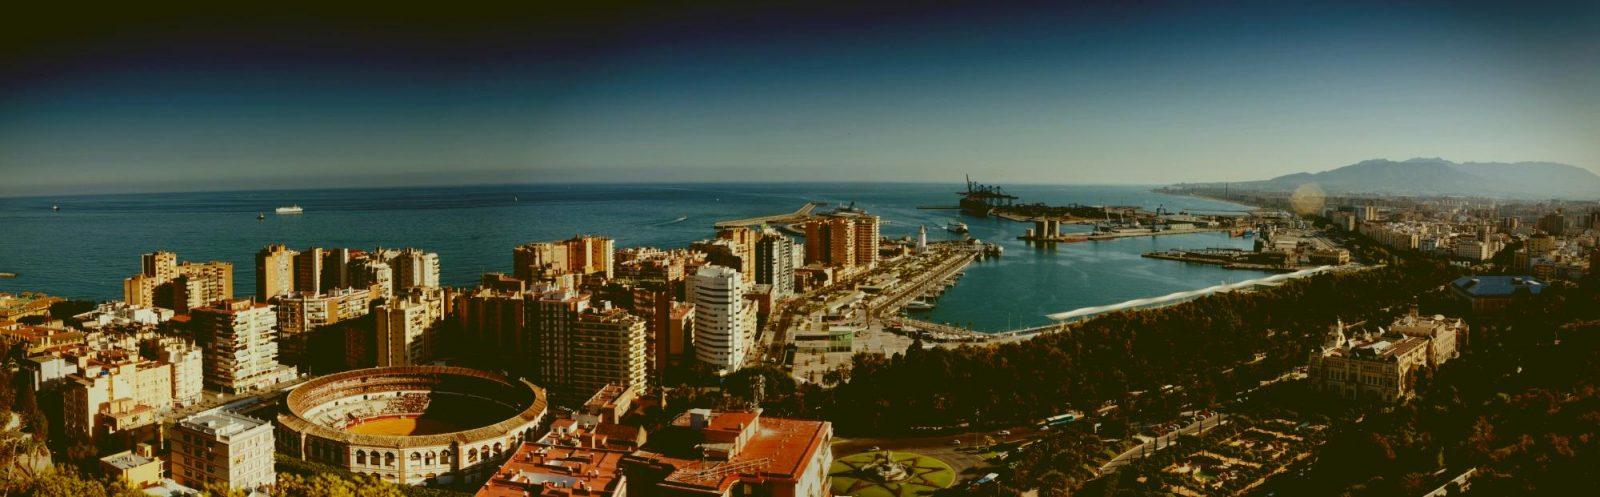 Los Municipios Deben Pasar Del Compromiso Formal A Actuar Decididamente En El Cambio De Modelo Energético